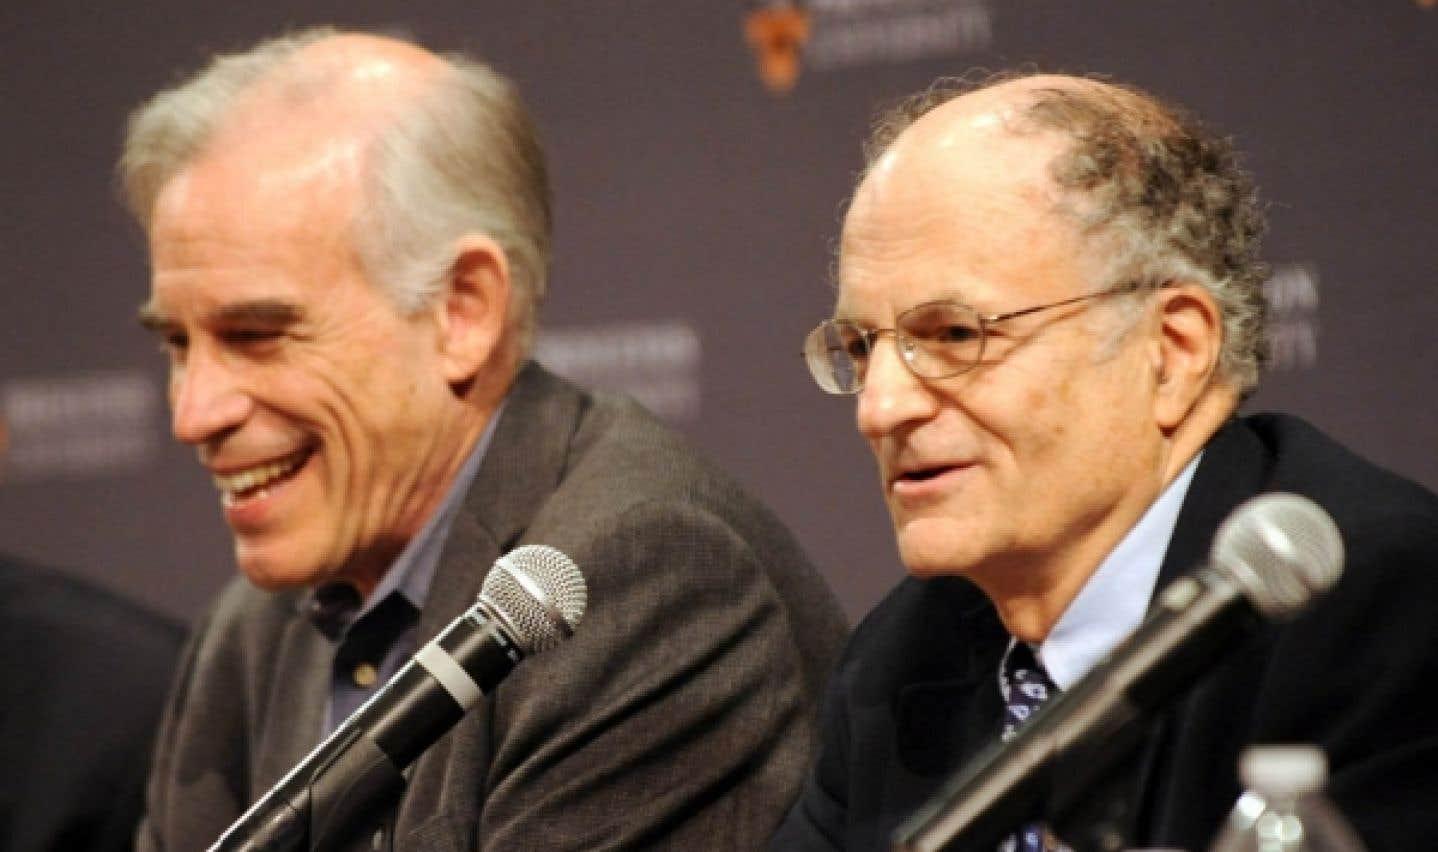 Le Nobel d'économie est décerné à deux chercheurs américains